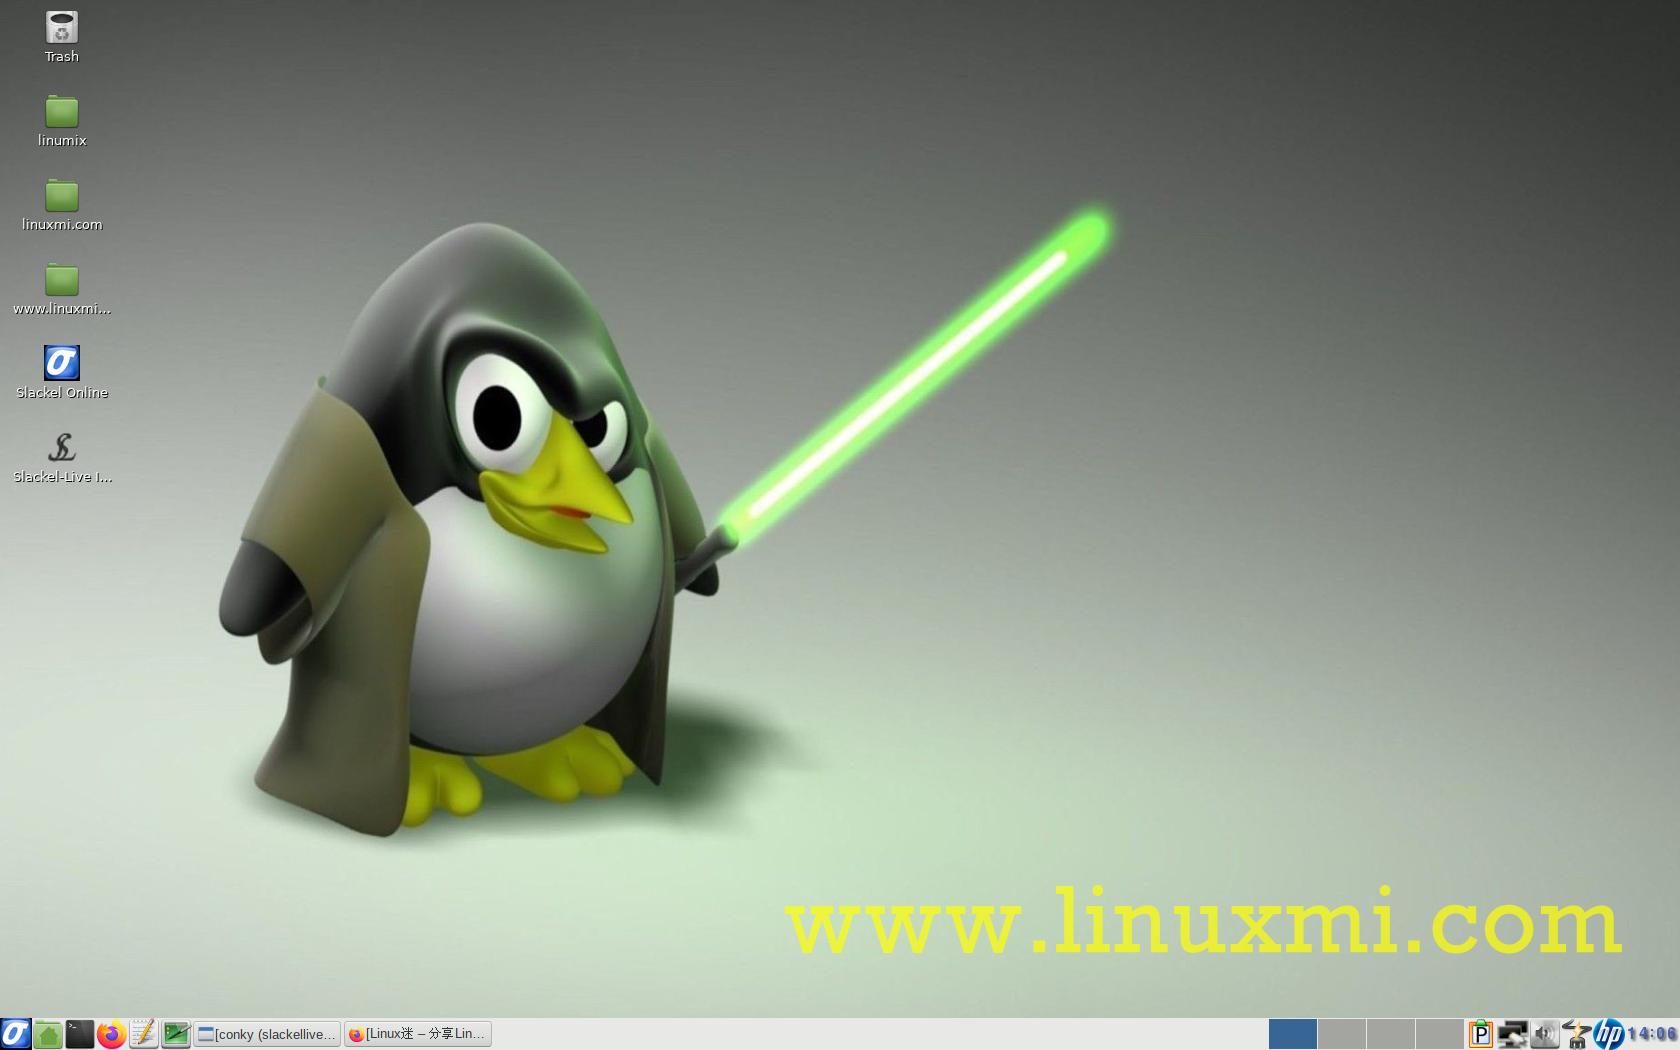 基于 Slackware 的 Slackel 7.4 发布,具有完全可移植性